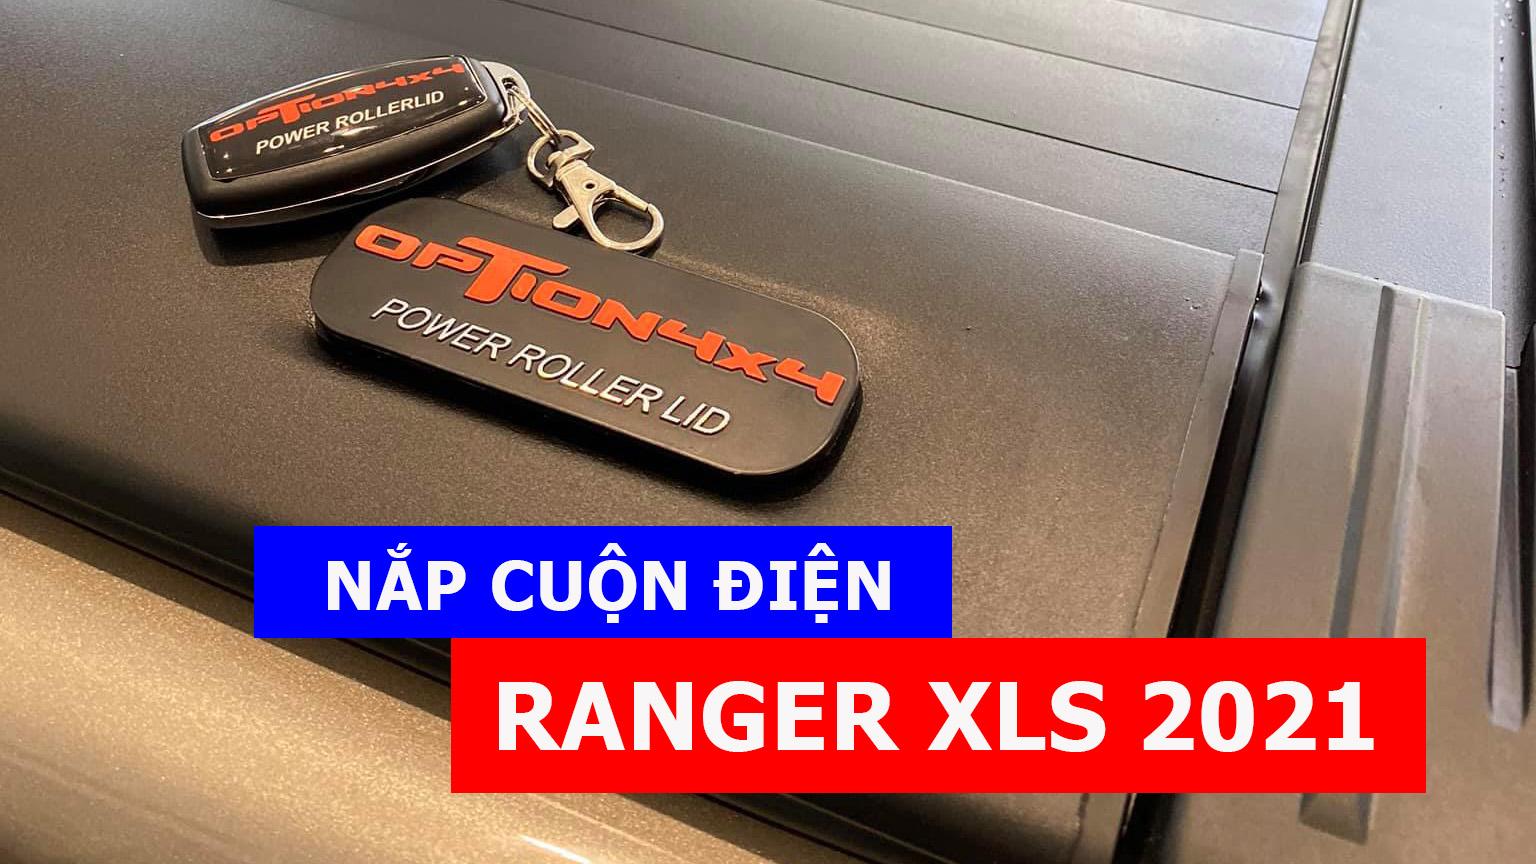 Nắp Cuộn Điện Ranger XLS